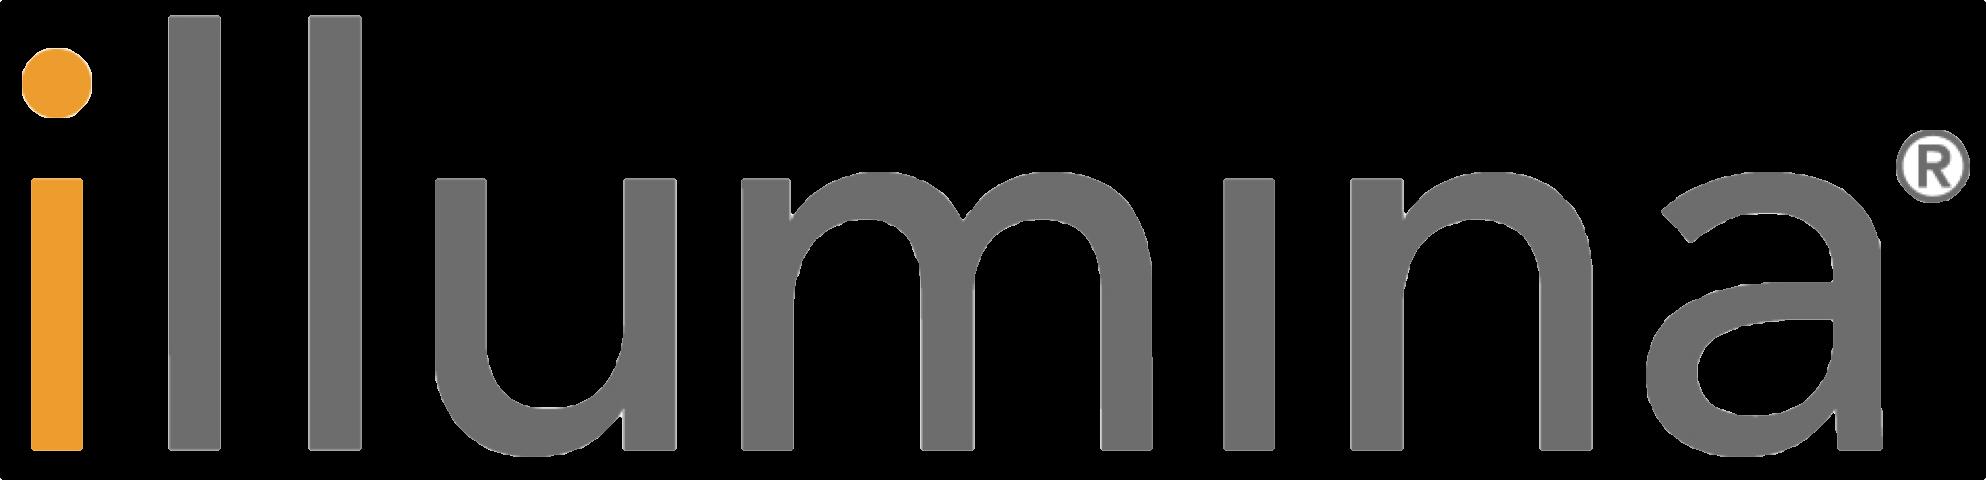 illumina 로고